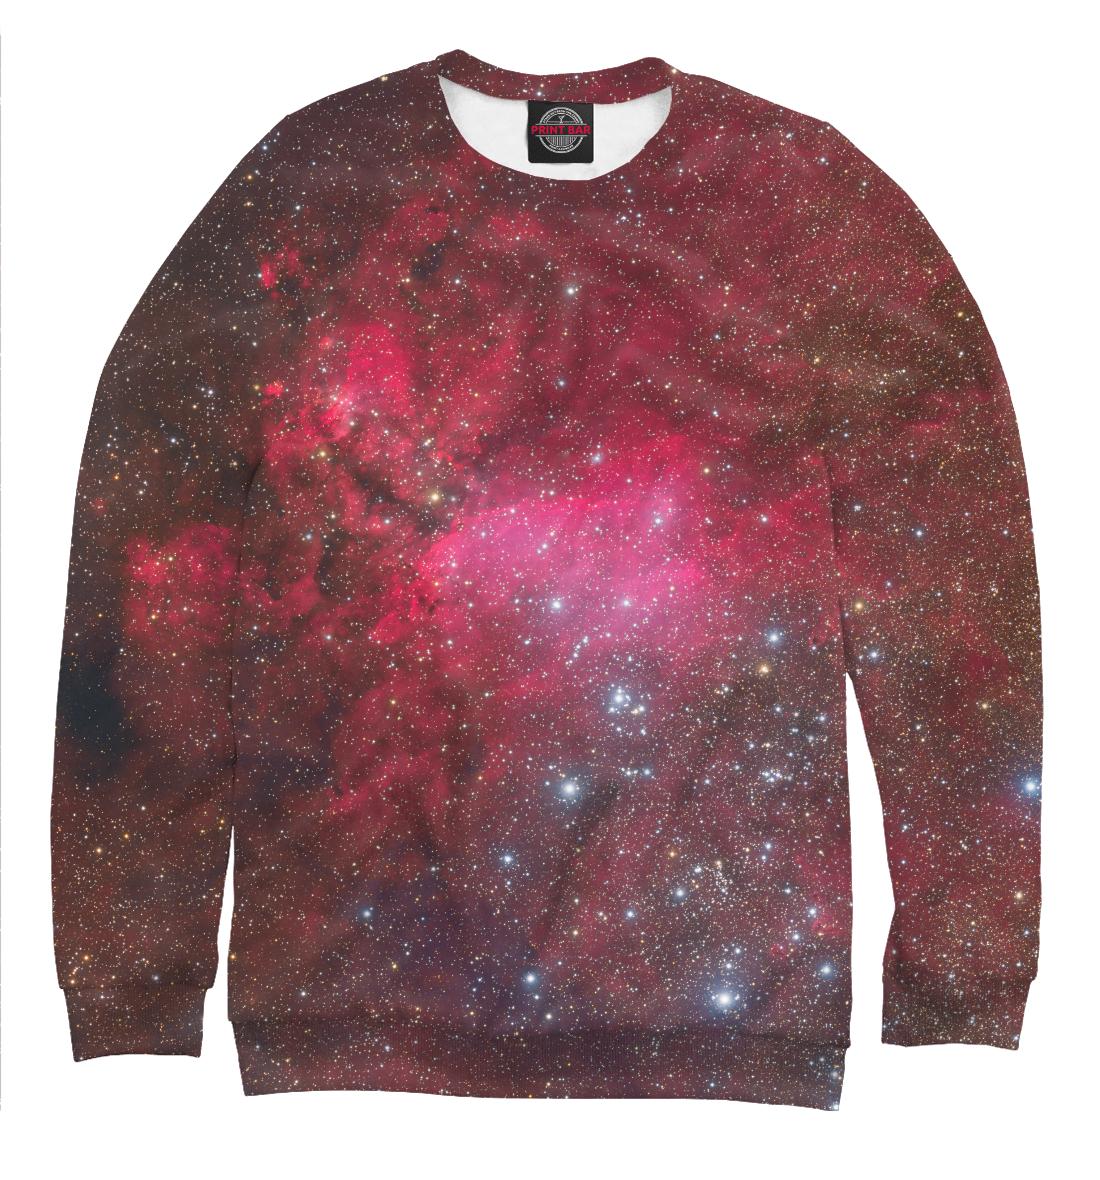 Купить Вселенная, Printbar, Свитшоты, ESO-115175-swi-1